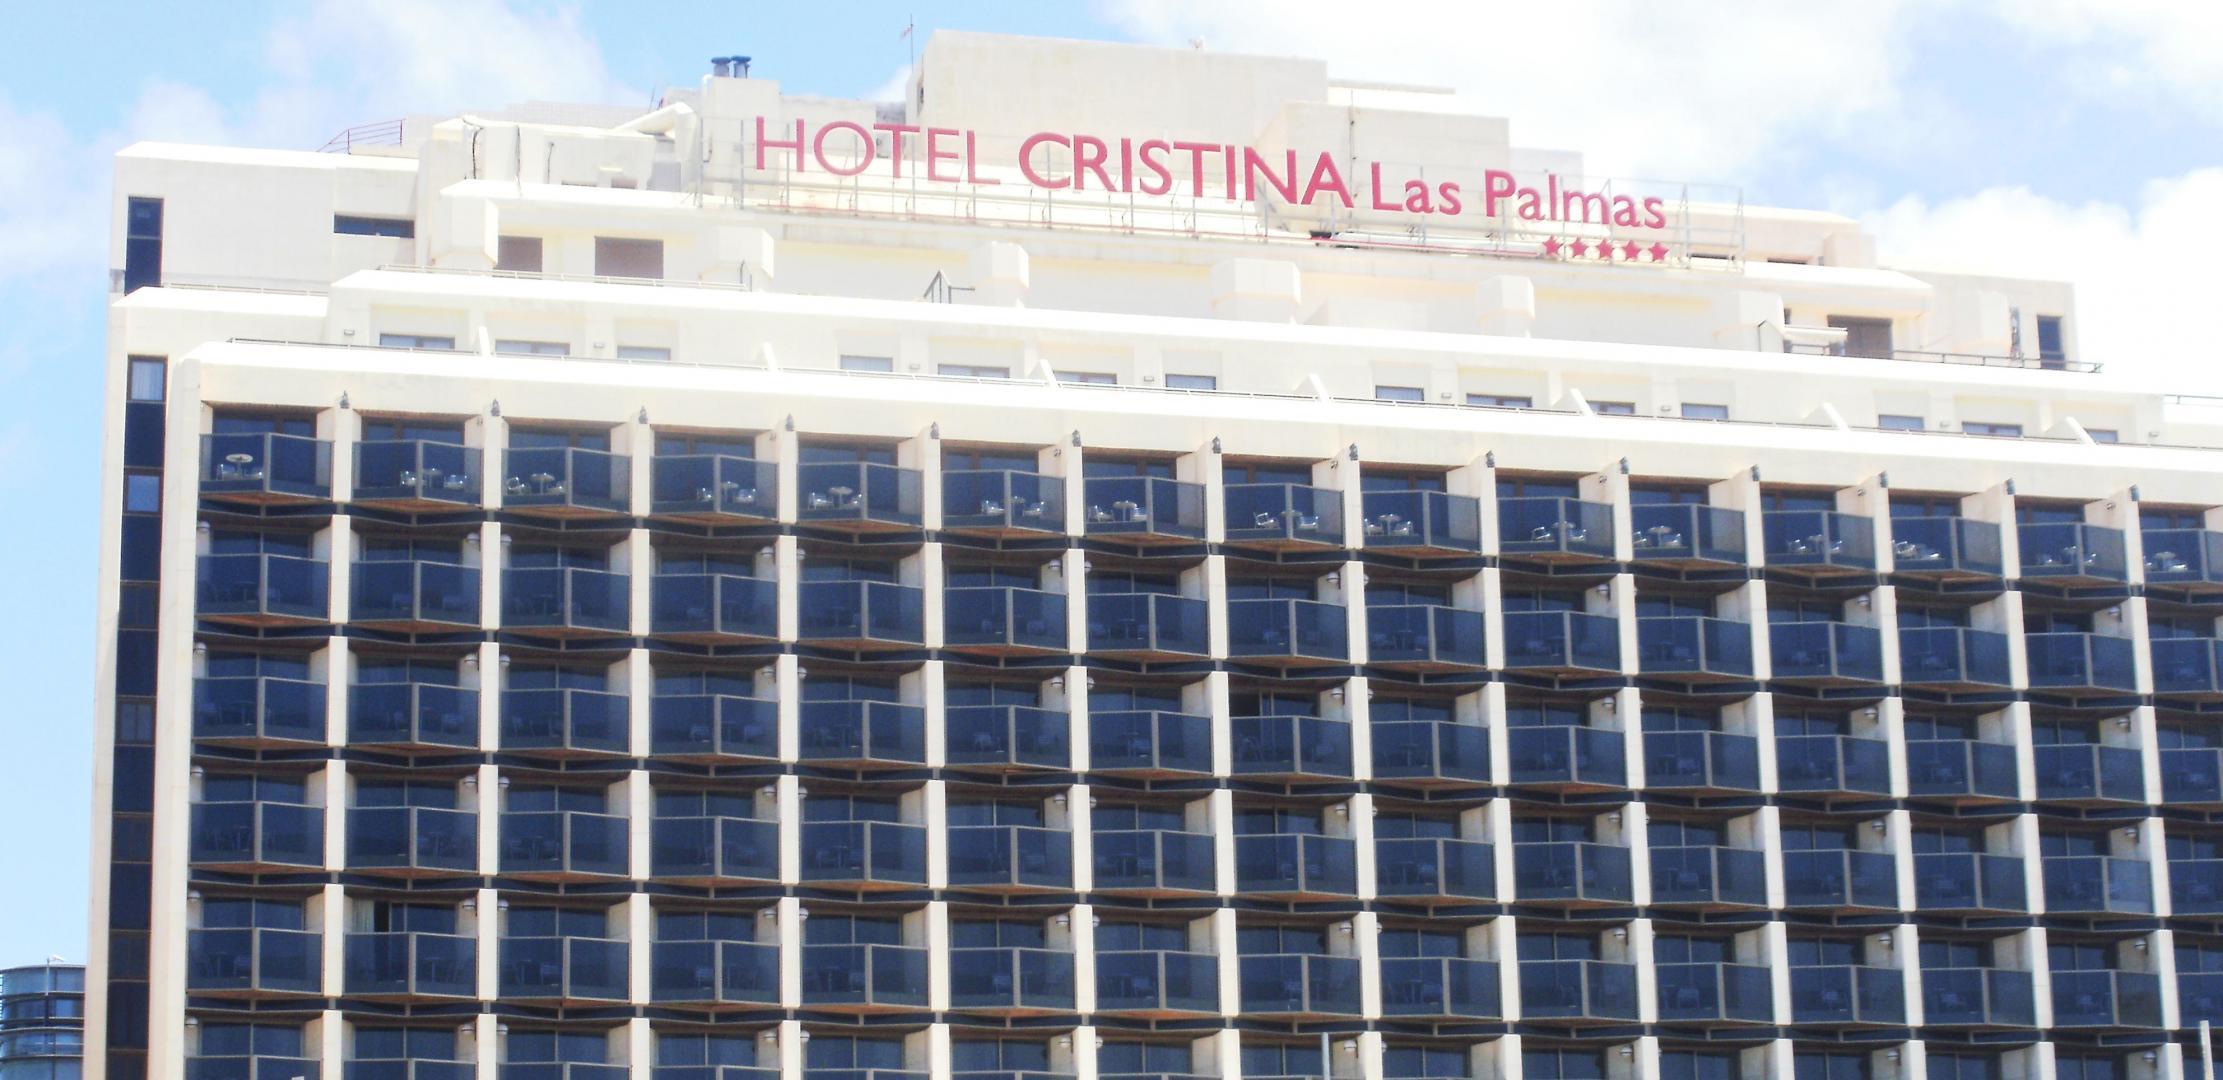 Hotel Cristina Las Palmas De Gran Canaria Kleemann